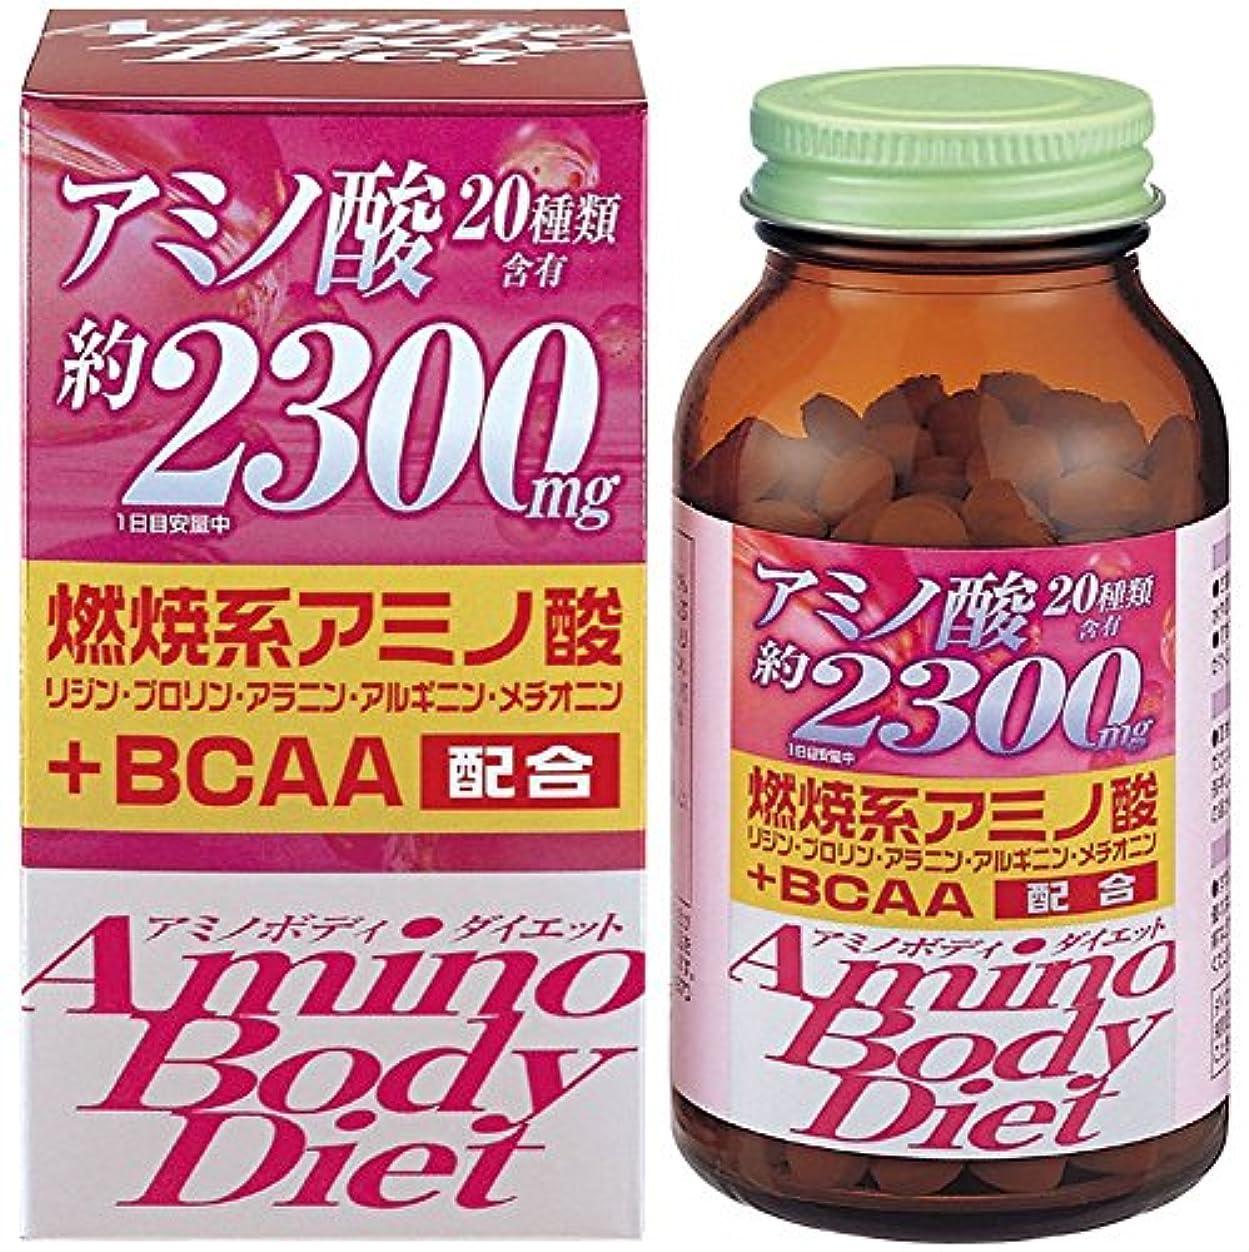 刺します起きている玉アミノボディダイエット粒 300粒×(5セット)